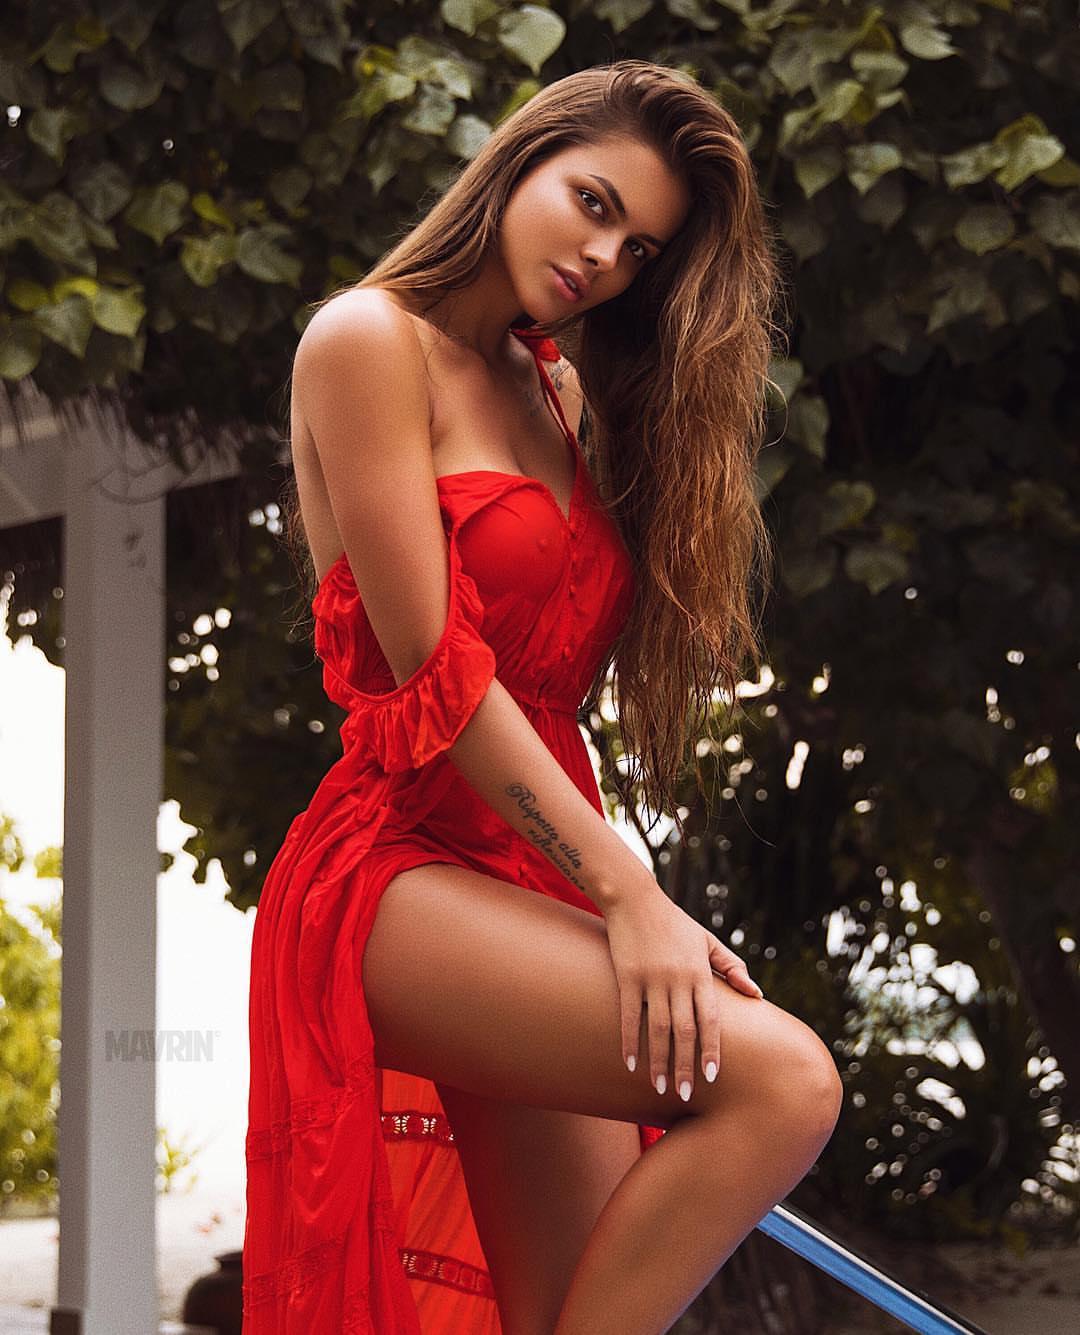 горячие фотосессии русских моделей играют